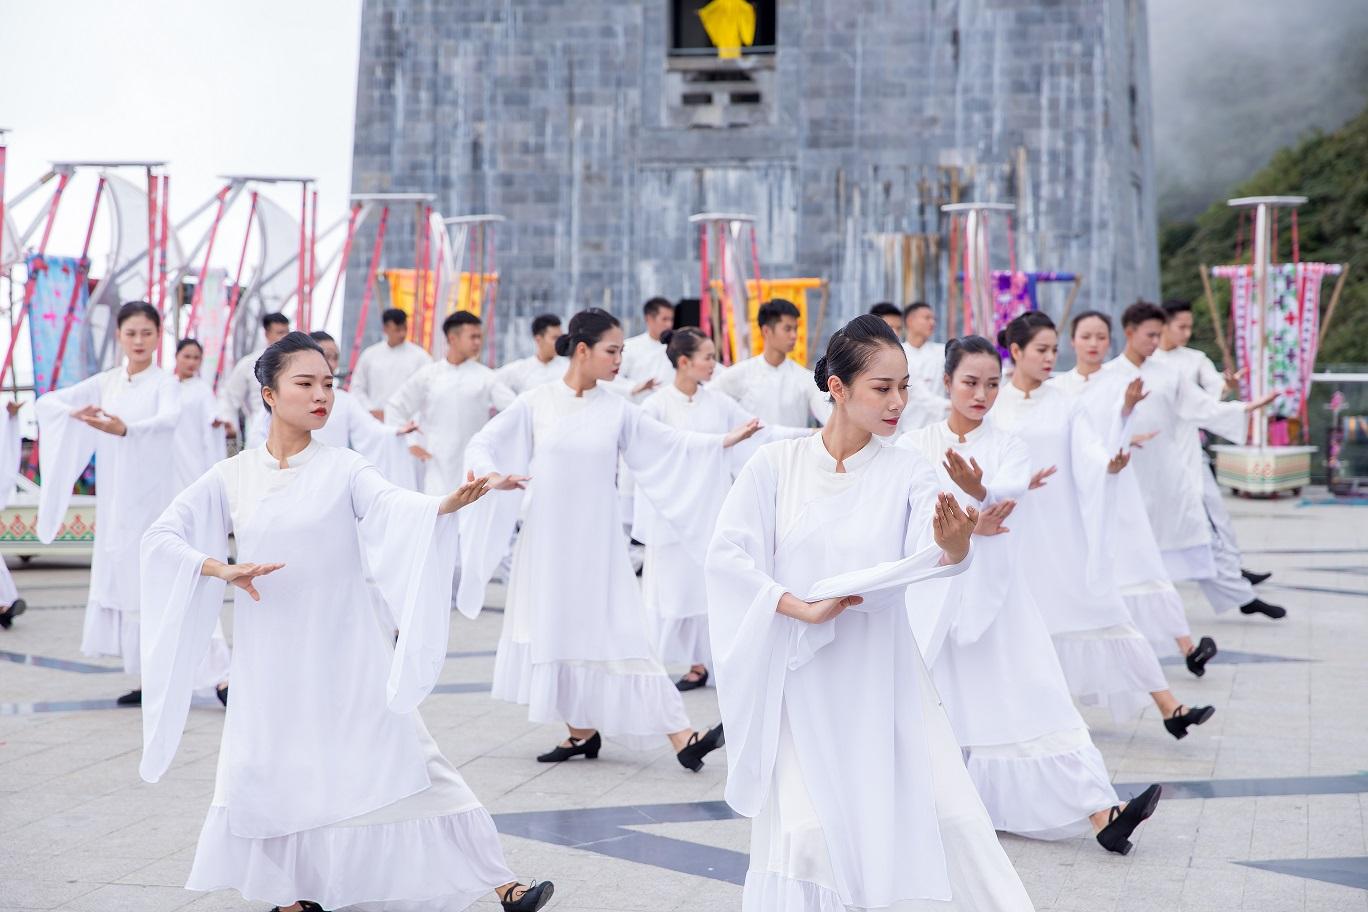 Show nghệ thuật Vũ điệu trên mây tại Sun World Fansipan Legend (8)